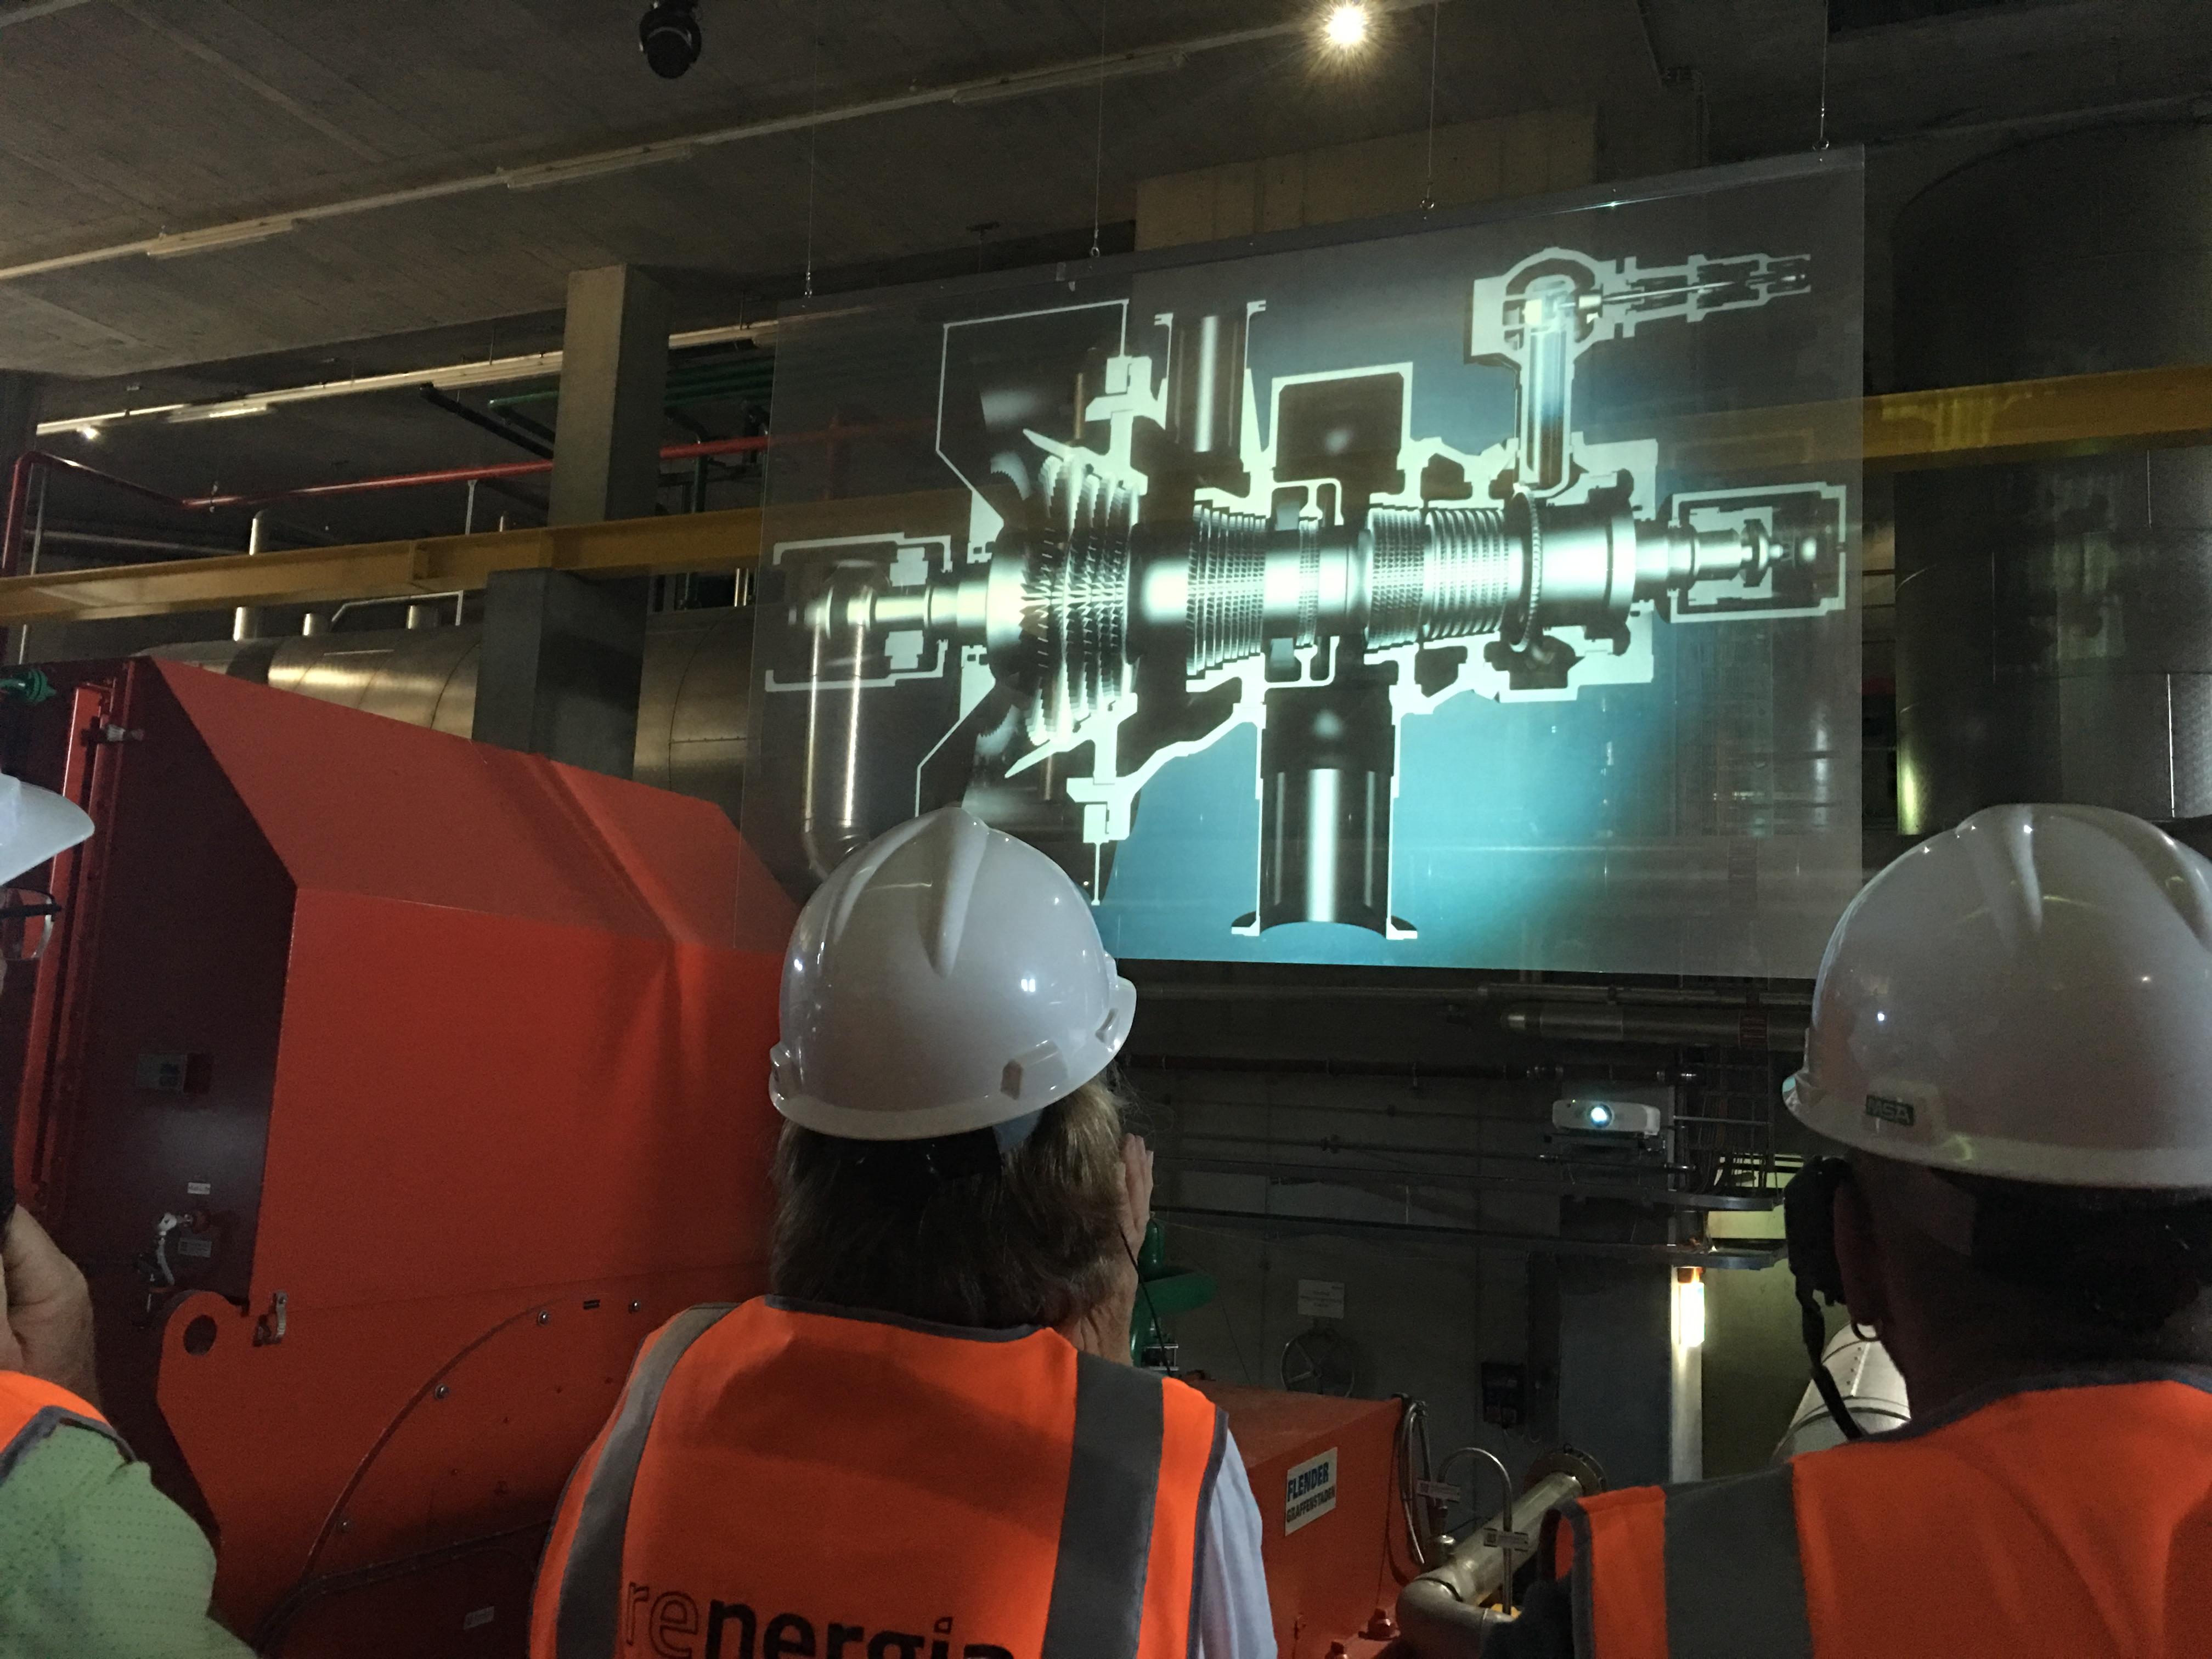 Die technischen Möglichkeiten werden voll ausgenützt, um dem Besucher die Dampfturbine zu erklären.